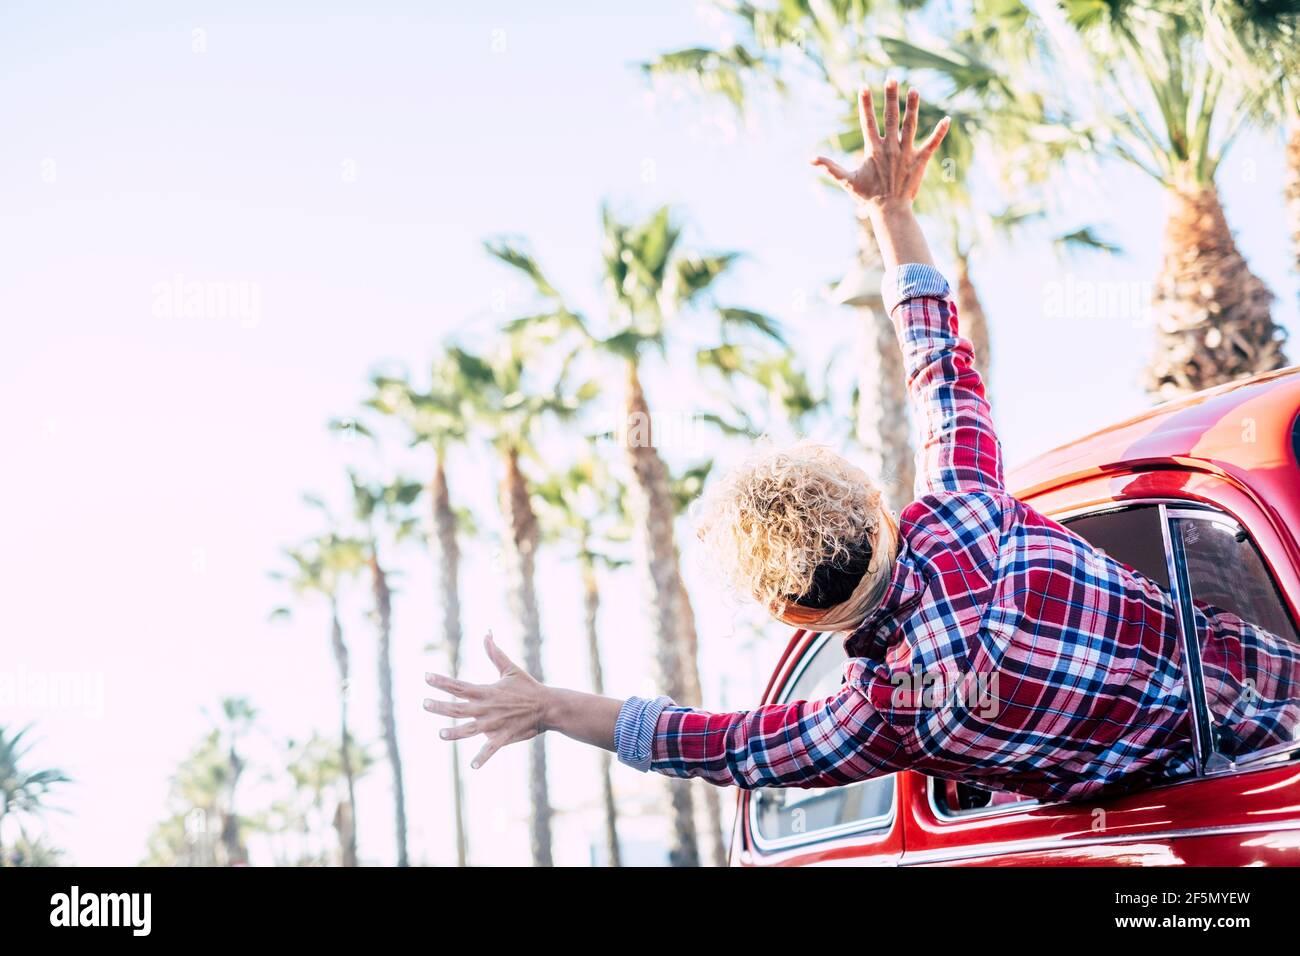 Bonheur et liberté vie joyeuse et voyage vacances d'été personnes - femme folle et heureuse ouvrant les bras et appréciant le voyage à l'extérieur du passager Banque D'Images